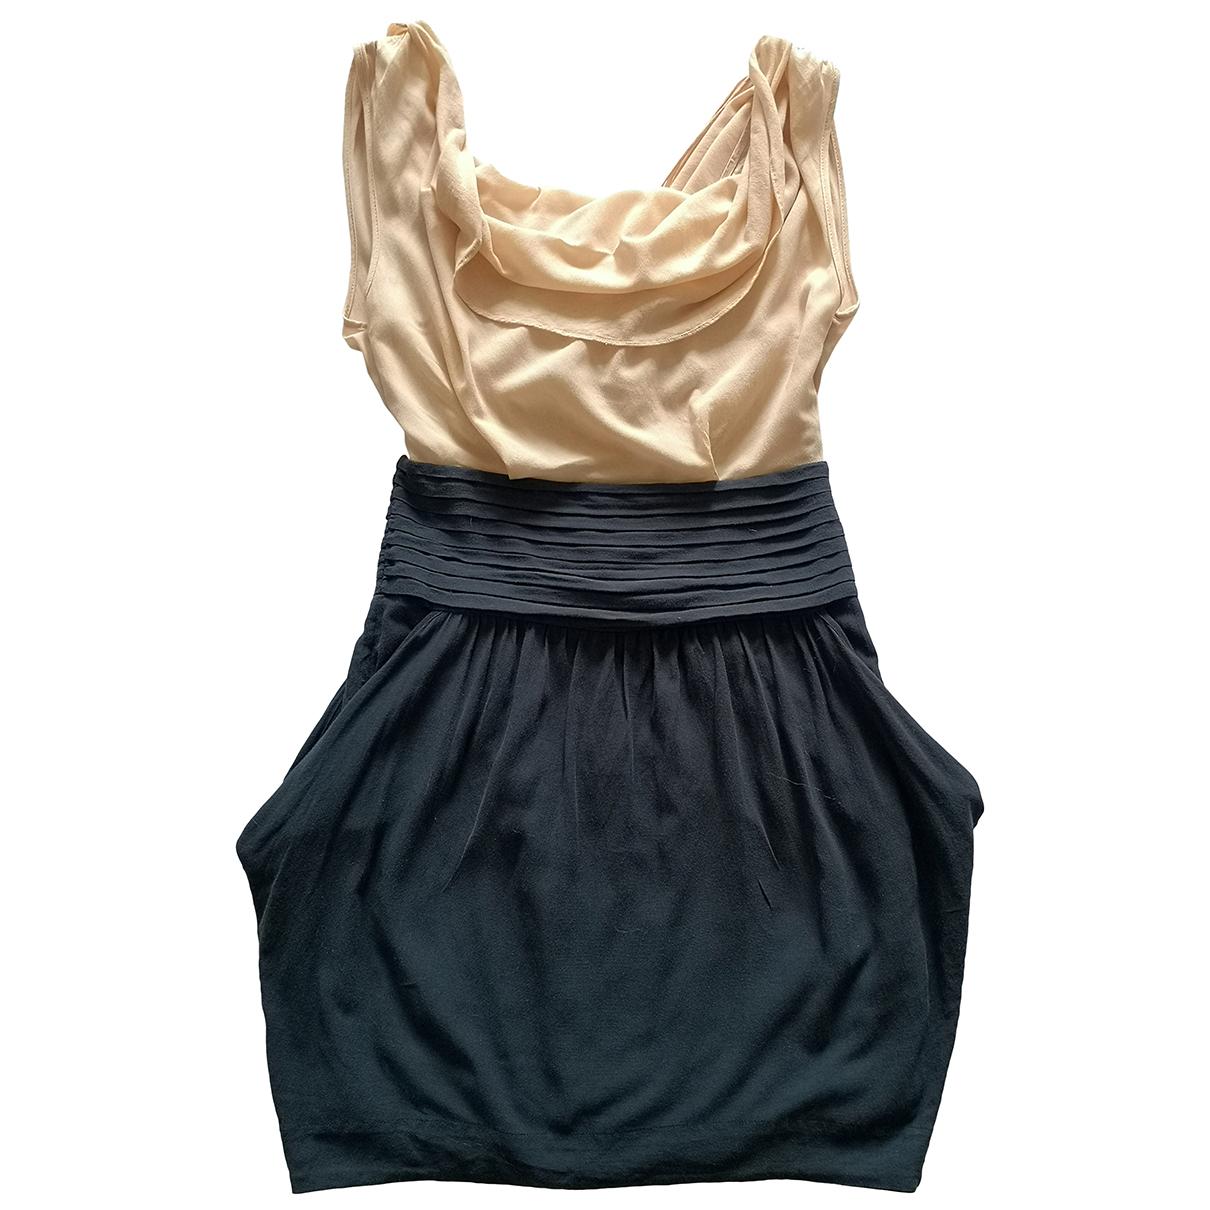 Charlotte Eskildsen \N Kleid in  Bunt Viskose